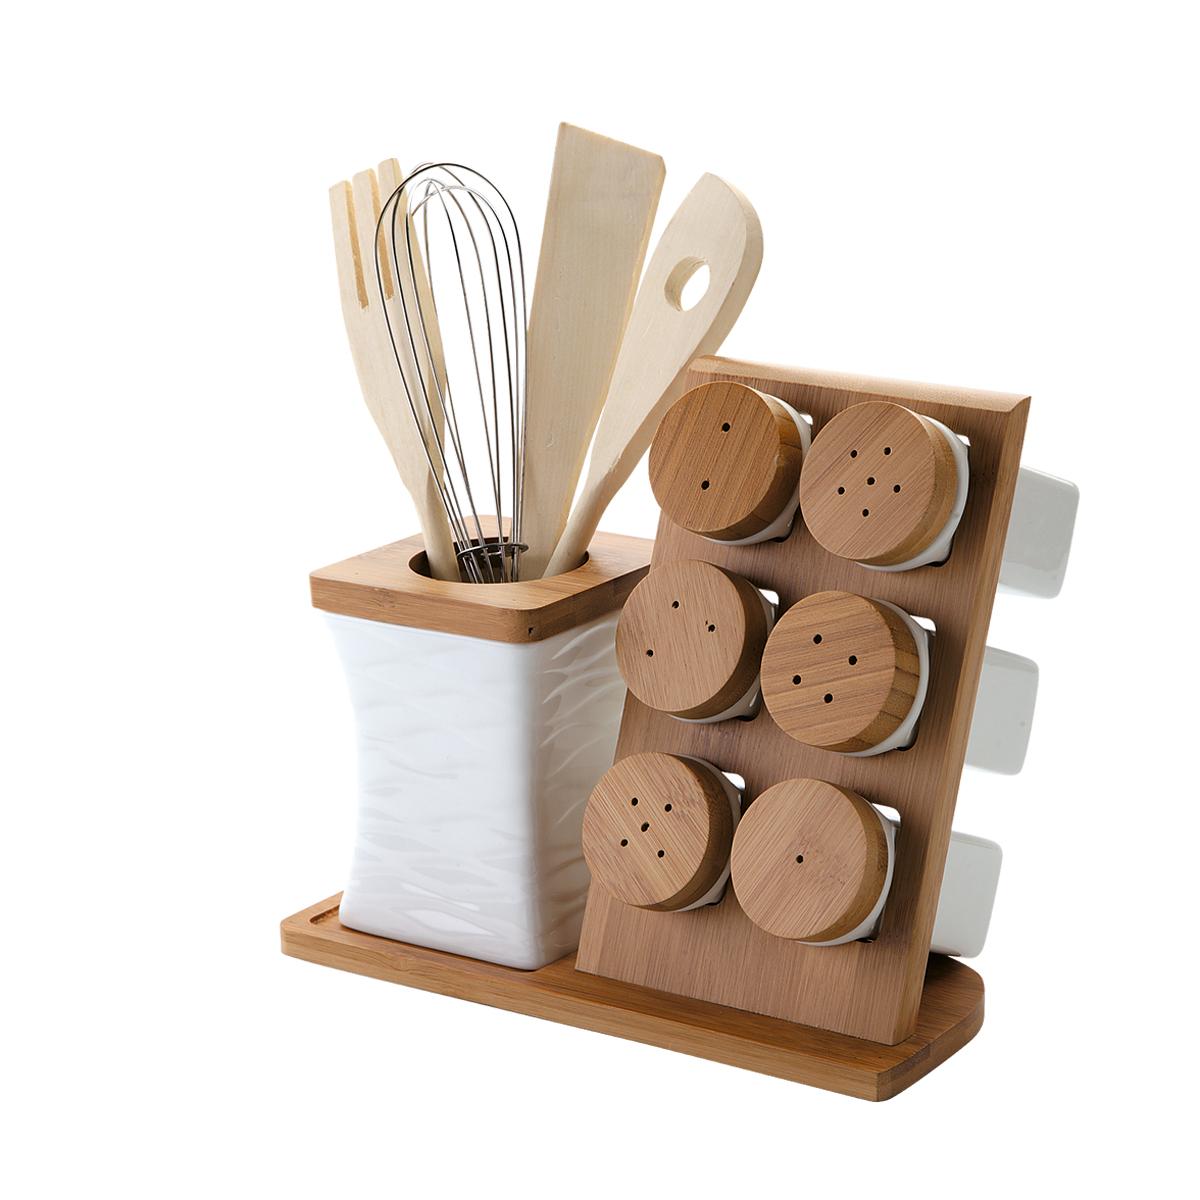 Набор кухонных принадлежностей Dekok, 12 предметовPW-2719Набор кухонных принадлежностей Dekok состоит излопатки, ложки с отверстием, вилки, венчика, 3 солонок, 3перечниц и двух подставок.Лопатка, вилка и ложка выполнены из дерева ипредназначены для переворачивания и перемешиванияразличных блюд. Металлический венчик будет незаменим дляприготовления теста или крема. Эти предметы хранятся вотдельной подставке в виде стакана, выполненной из фарфора и бамбука. Солонки и перечницы располагаются на подставке соспециальными ячейками.Оригинальный дизайн, эстетичность и функциональностьнабора позволят ему стать достойным дополнением ккухонному инвентарю. Длина лопатки, вилки, ложки: 25,5 см.Длина венчика: 25 см.Размер подставки для приборов: 8,5 см х 8,5 см х 11,5 см.Высота солонки, перечницы: 9,2 см.Диаметр солонки, перечницы (по верхнему краю): 4,7 см.Размер подставки: 23,5 см х 10,8 см х 20 см.